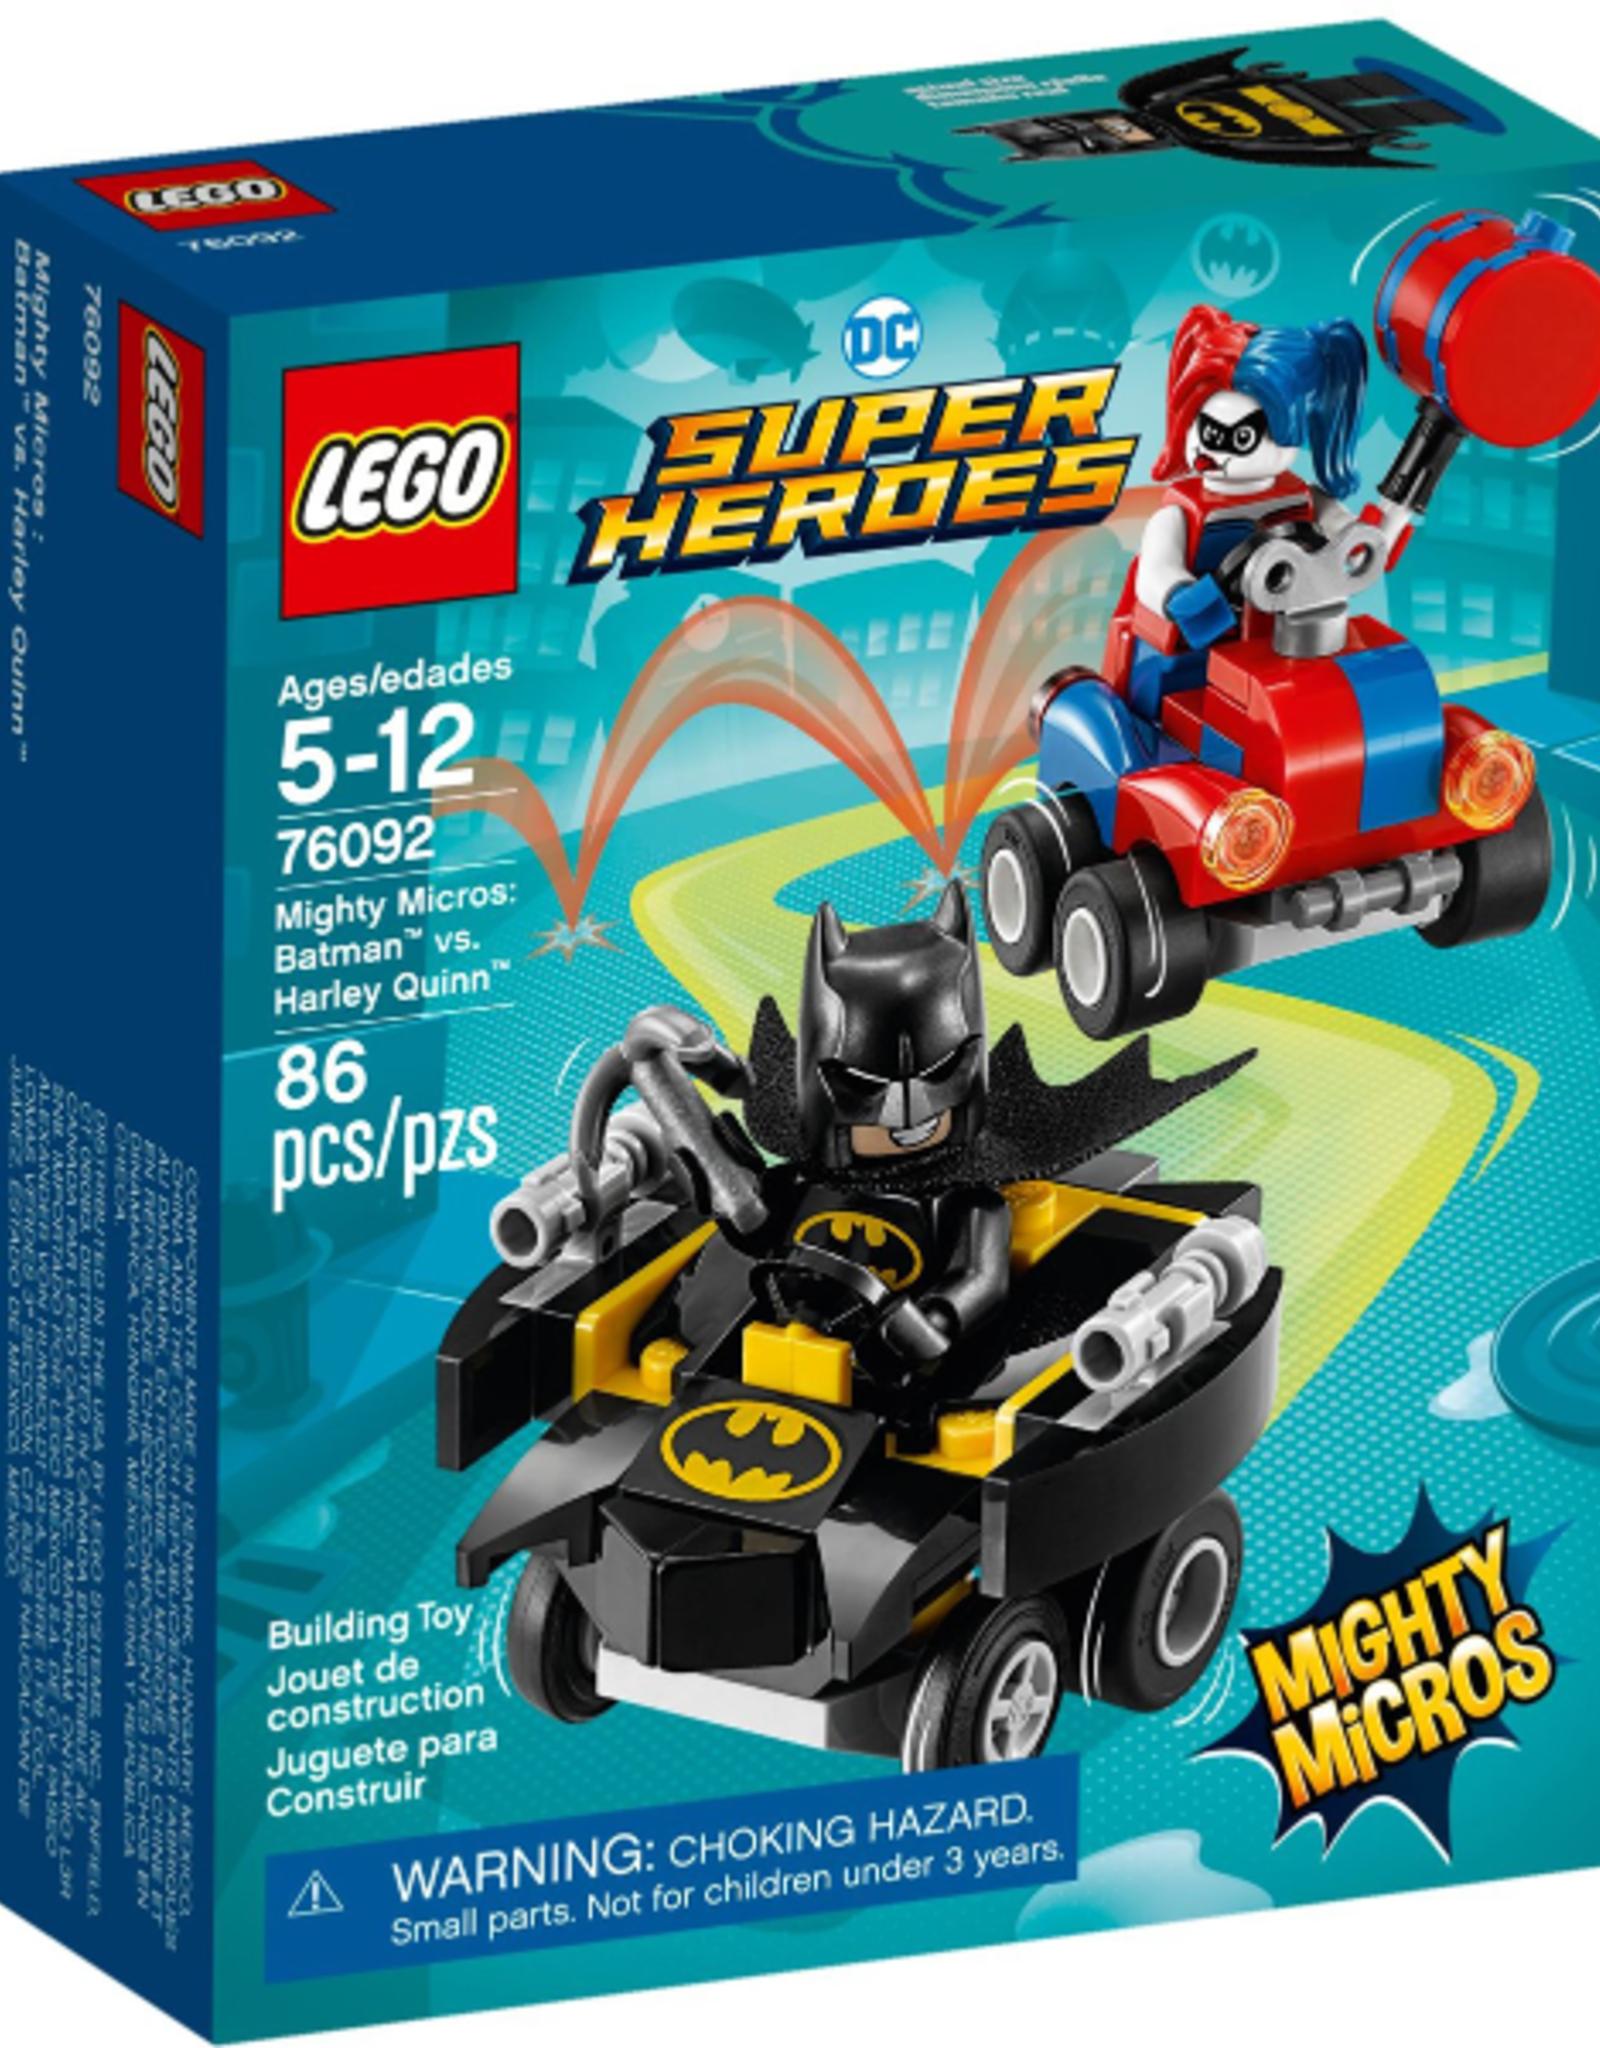 LEGO LEGO 76092 Batman vs. Harley Quinn SUPER HEROES